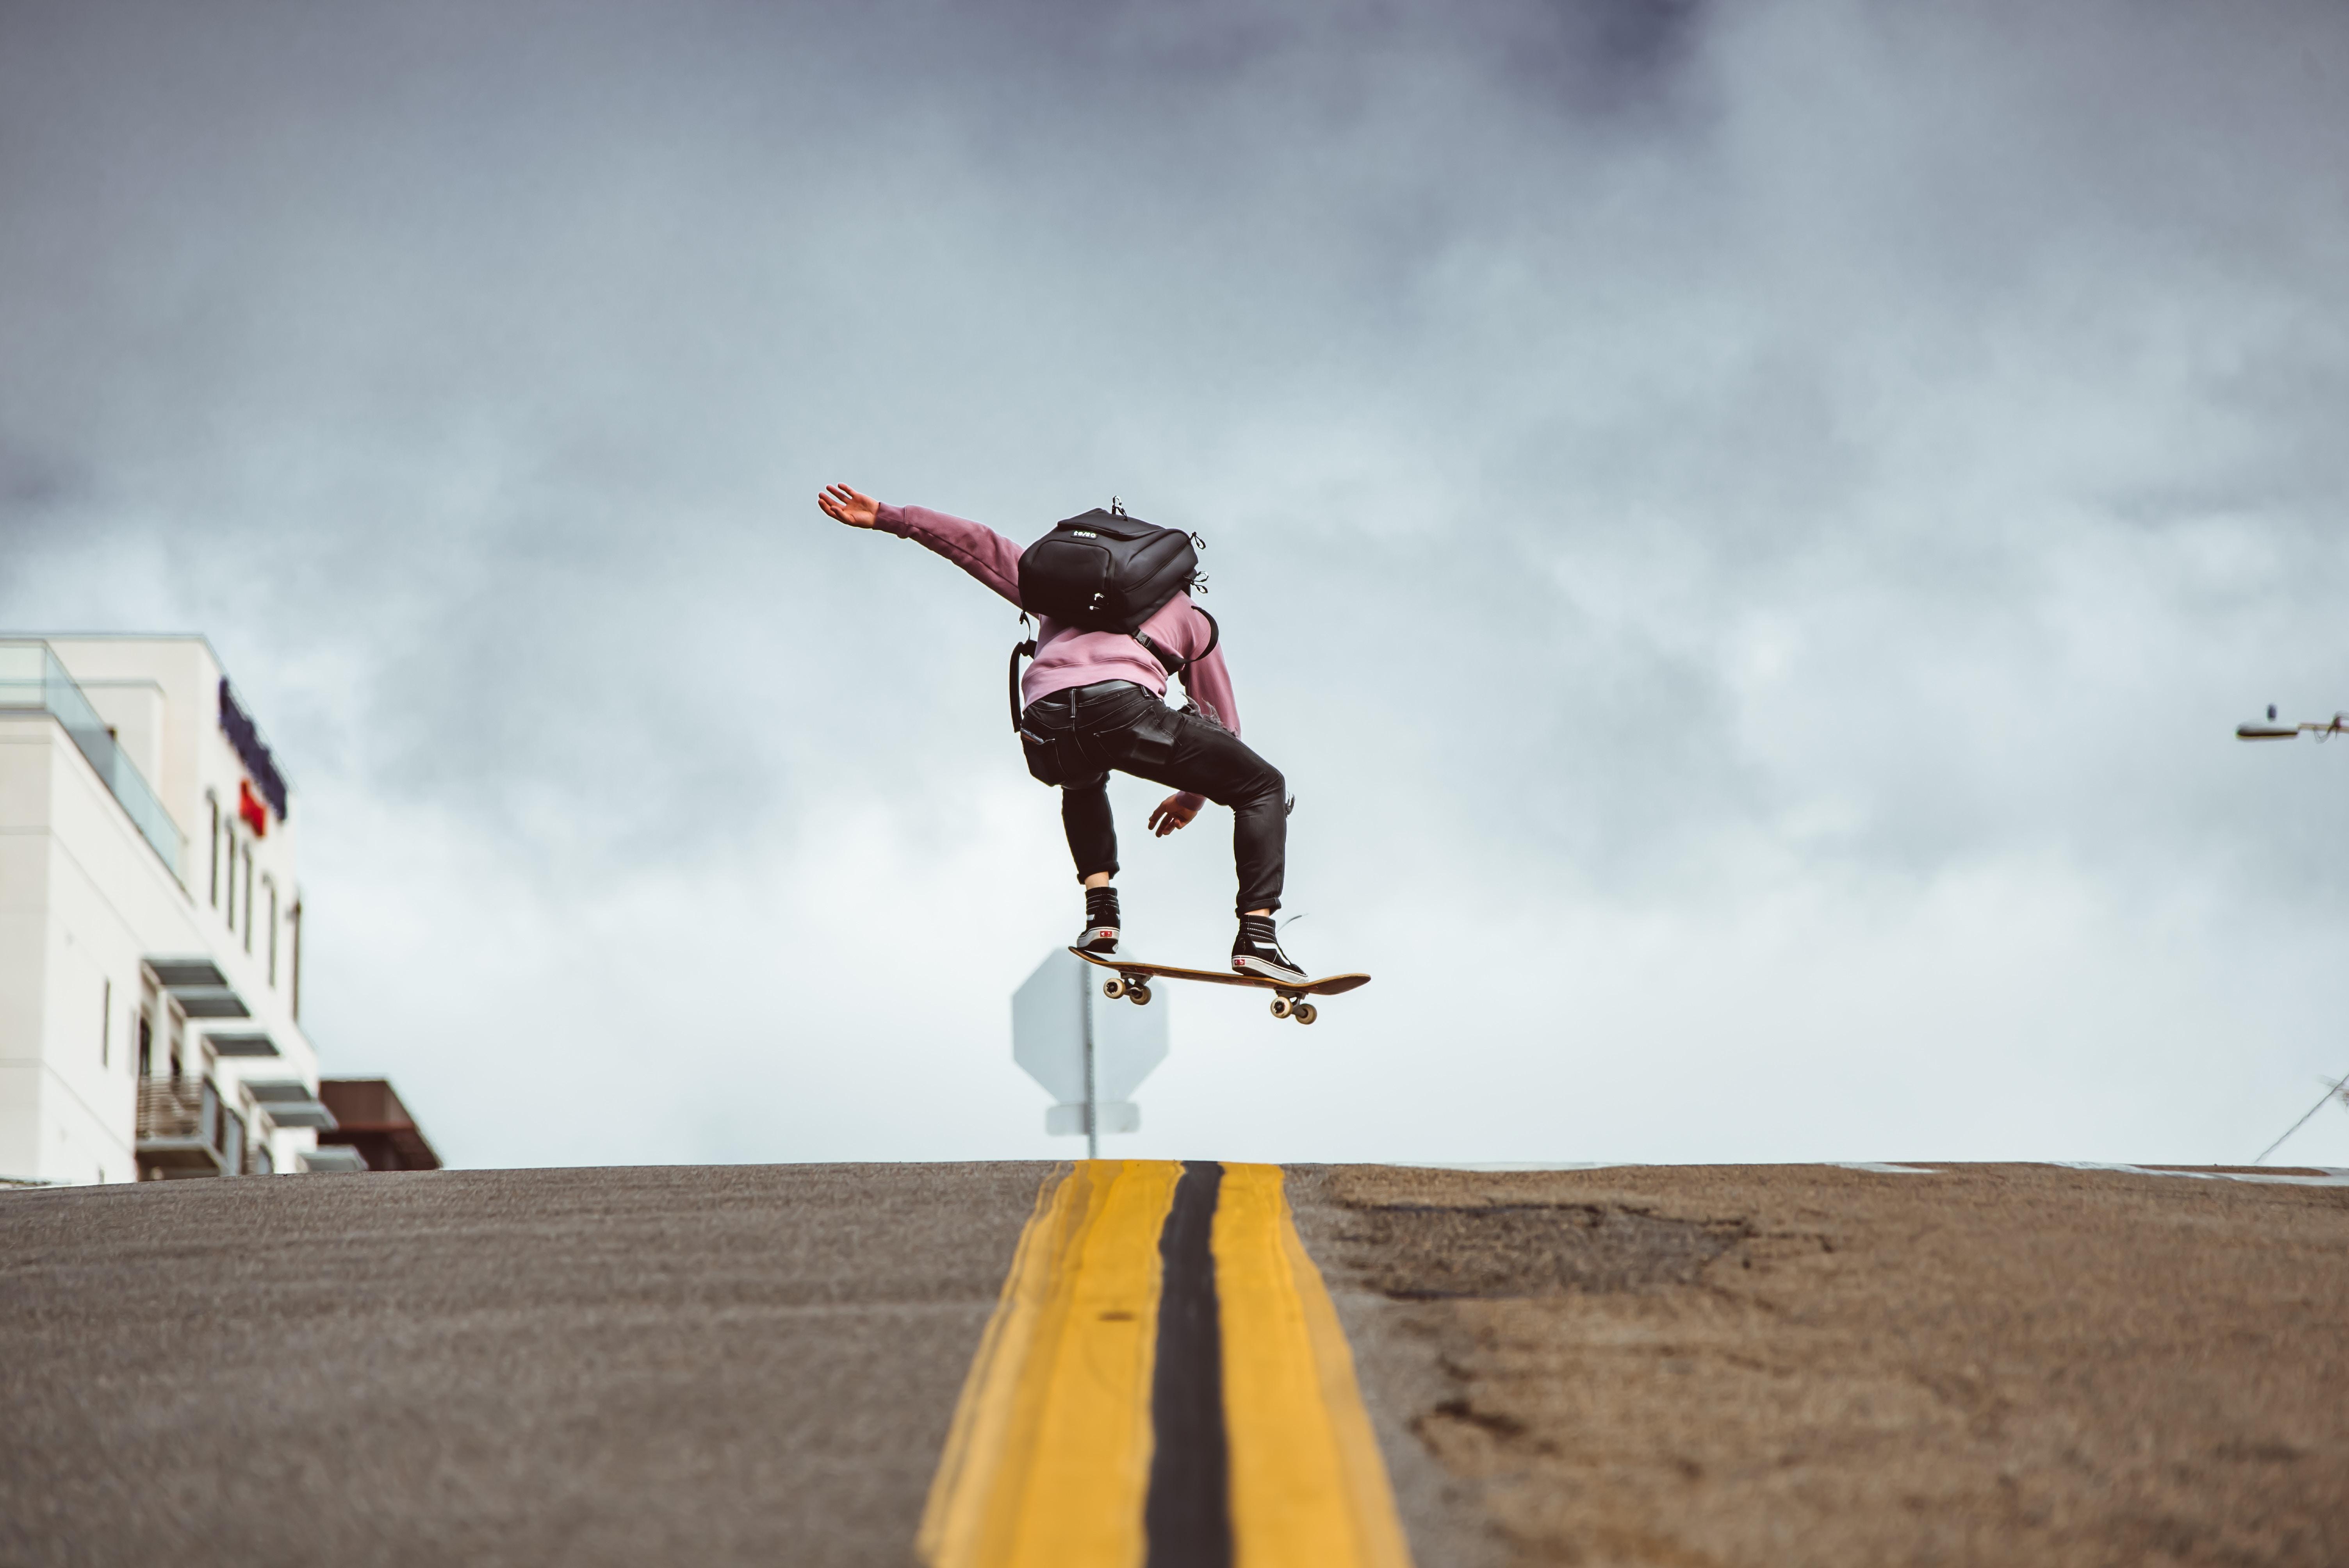 97701 скачать обои Спорт, Скейтборд, Прыжок, Трюк, Дорога - заставки и картинки бесплатно